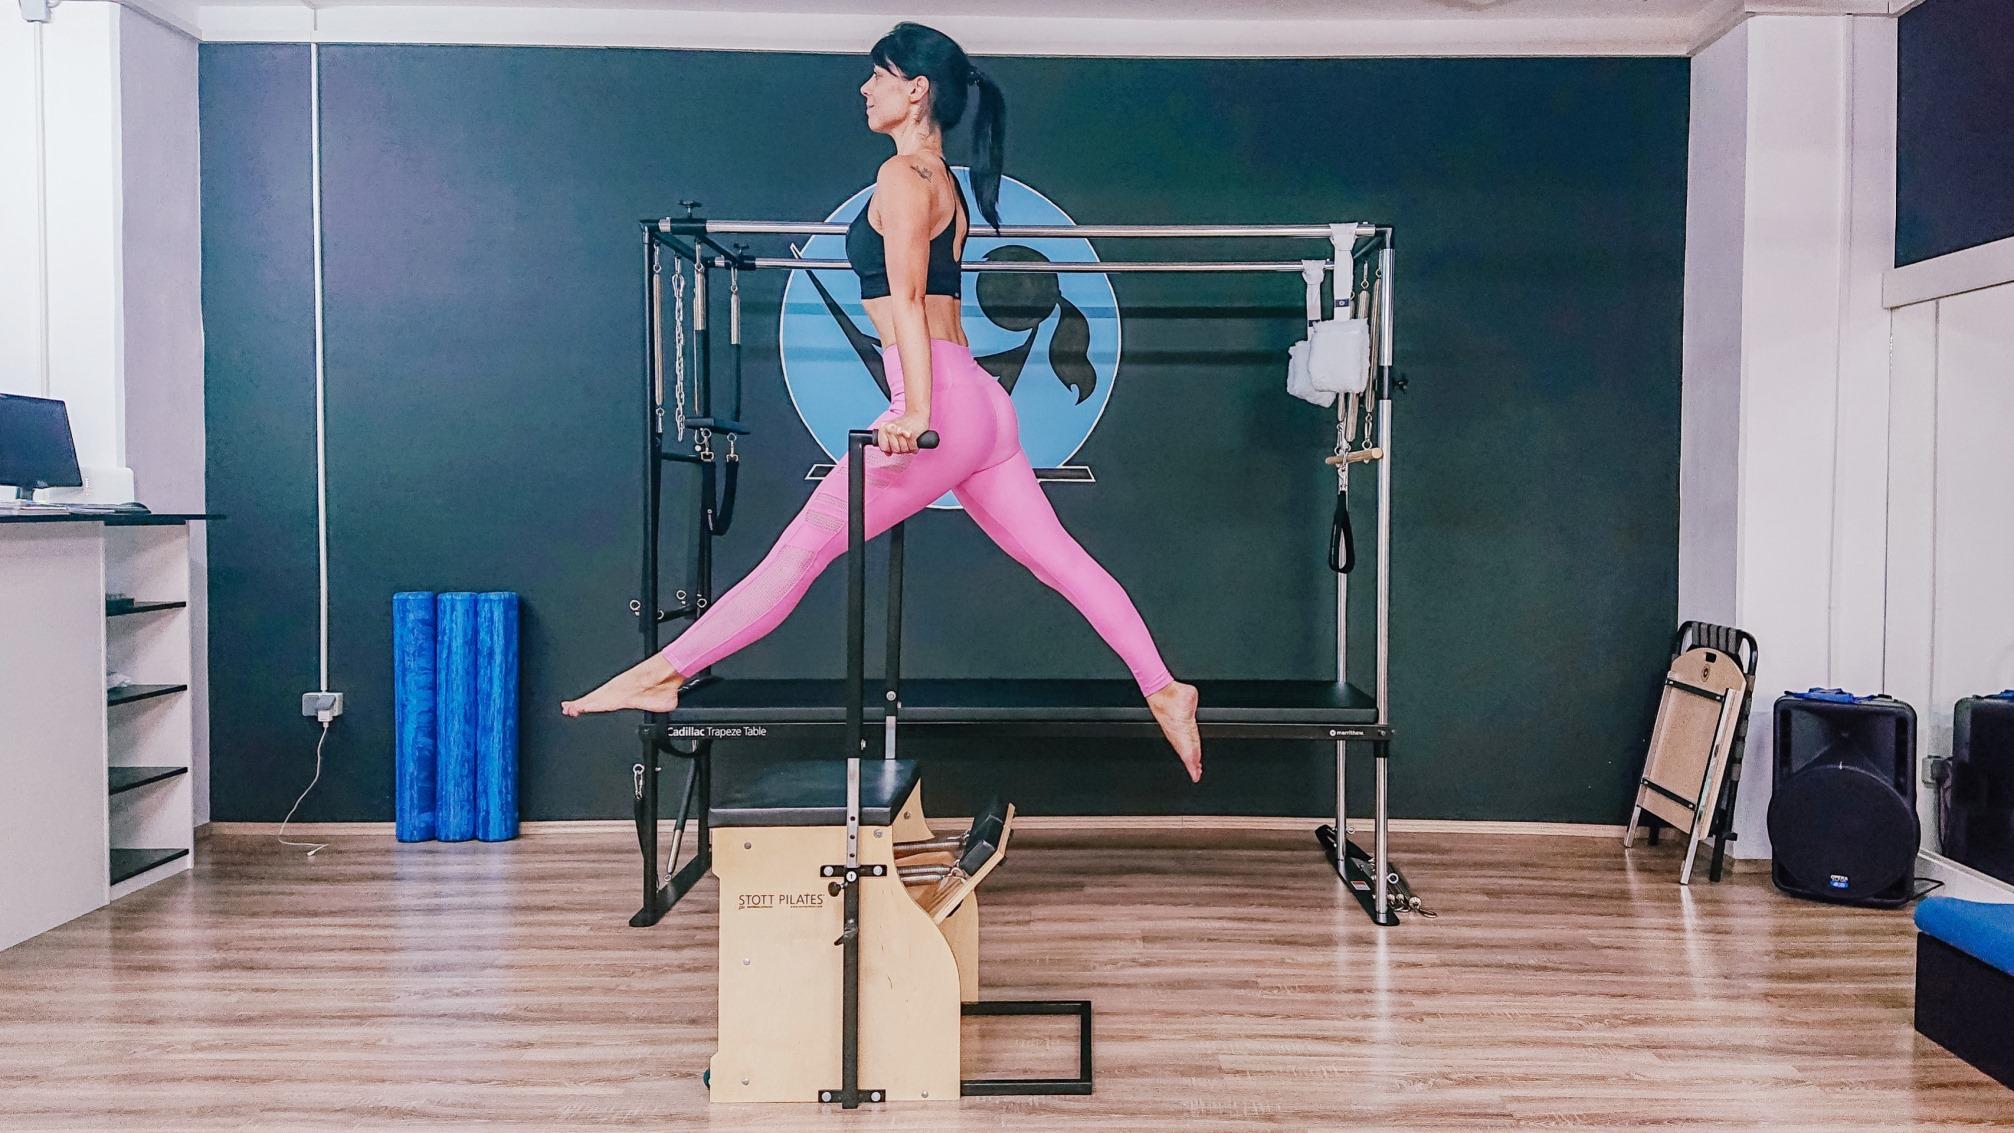 Jennifer Glumac otkriva prednosti Stability Chair sprave za pilates